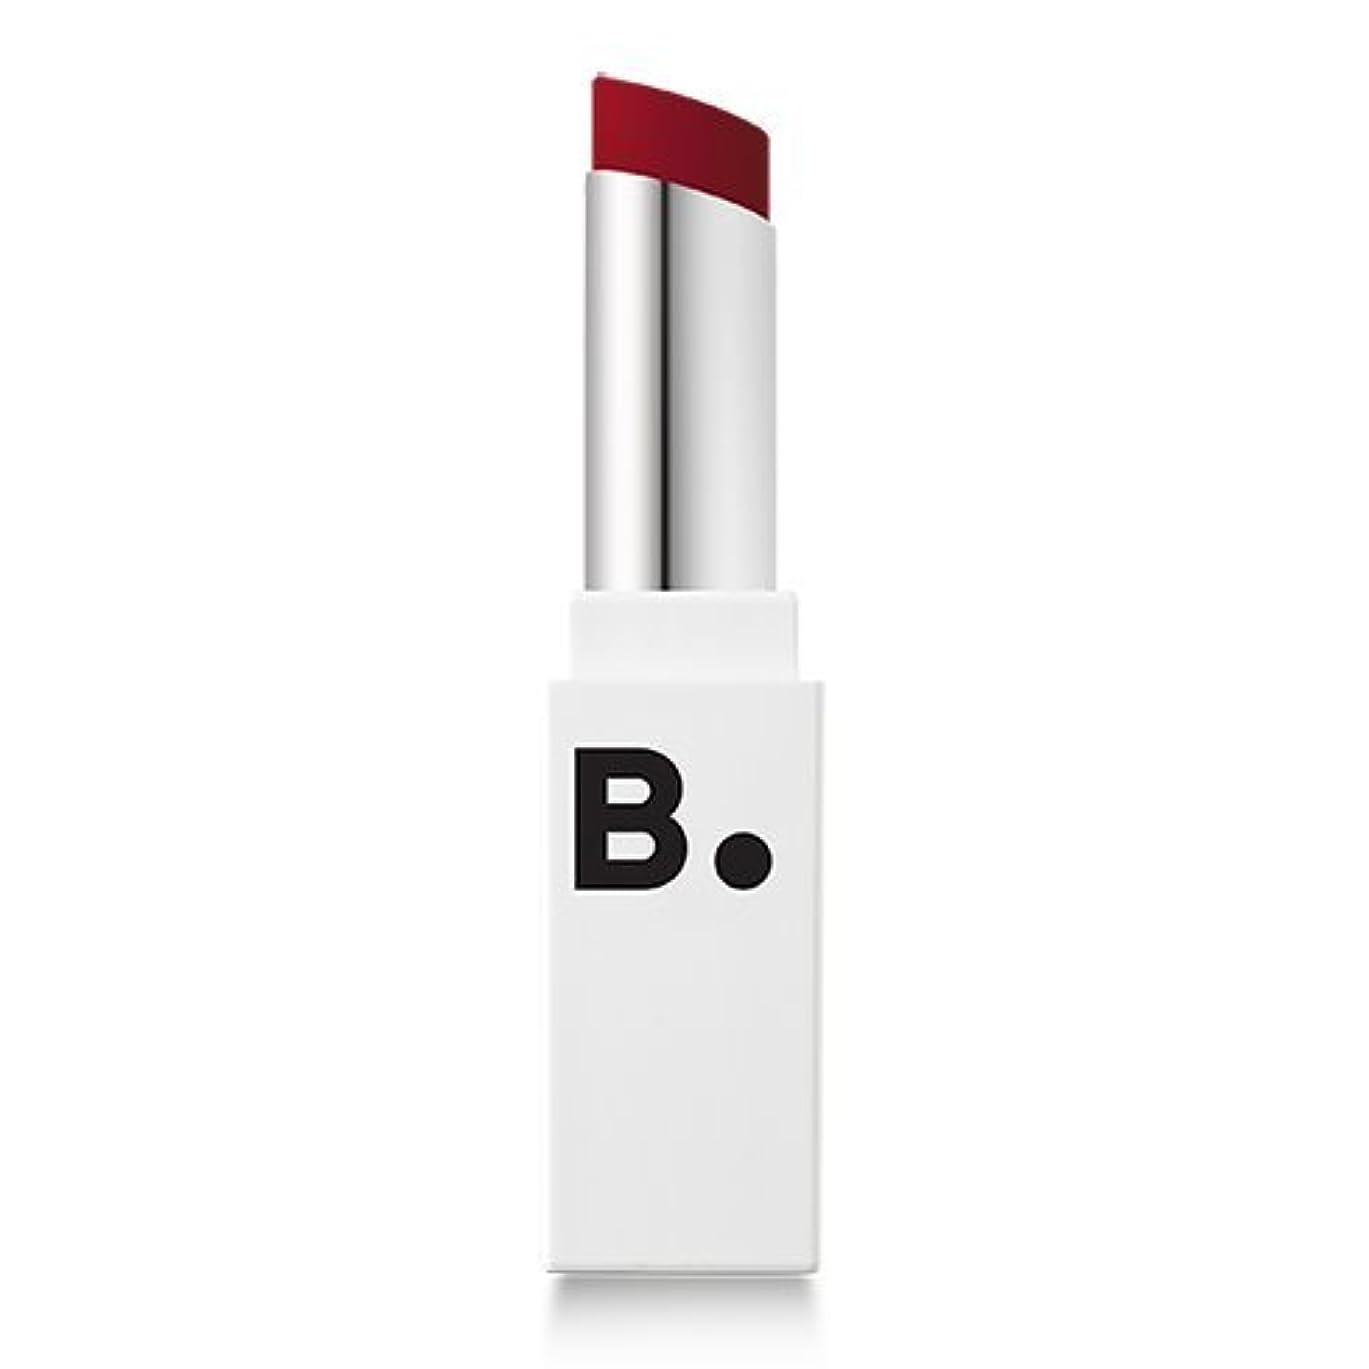 昼間同志眩惑するBANILA CO Lip Draw Matte Blast Stick 4.2g/バニラコ リップ ドロー マット ブラスト スティック 4.2g (#MRD01) [並行輸入品]